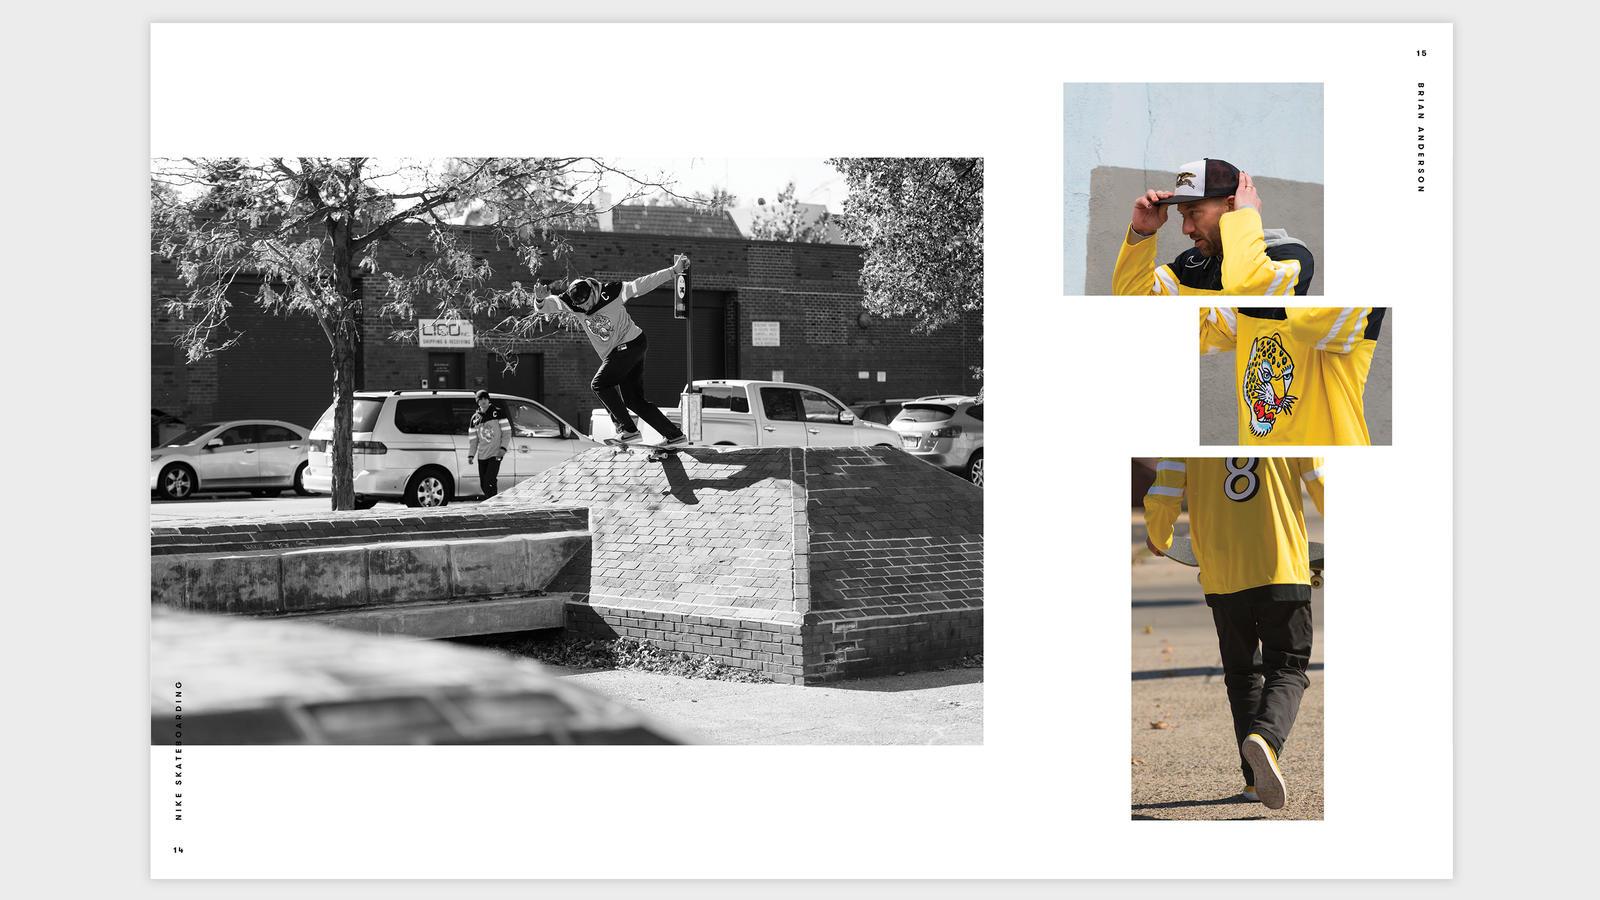 Smalltalk Brian Anderson | Place Skateboard Culture